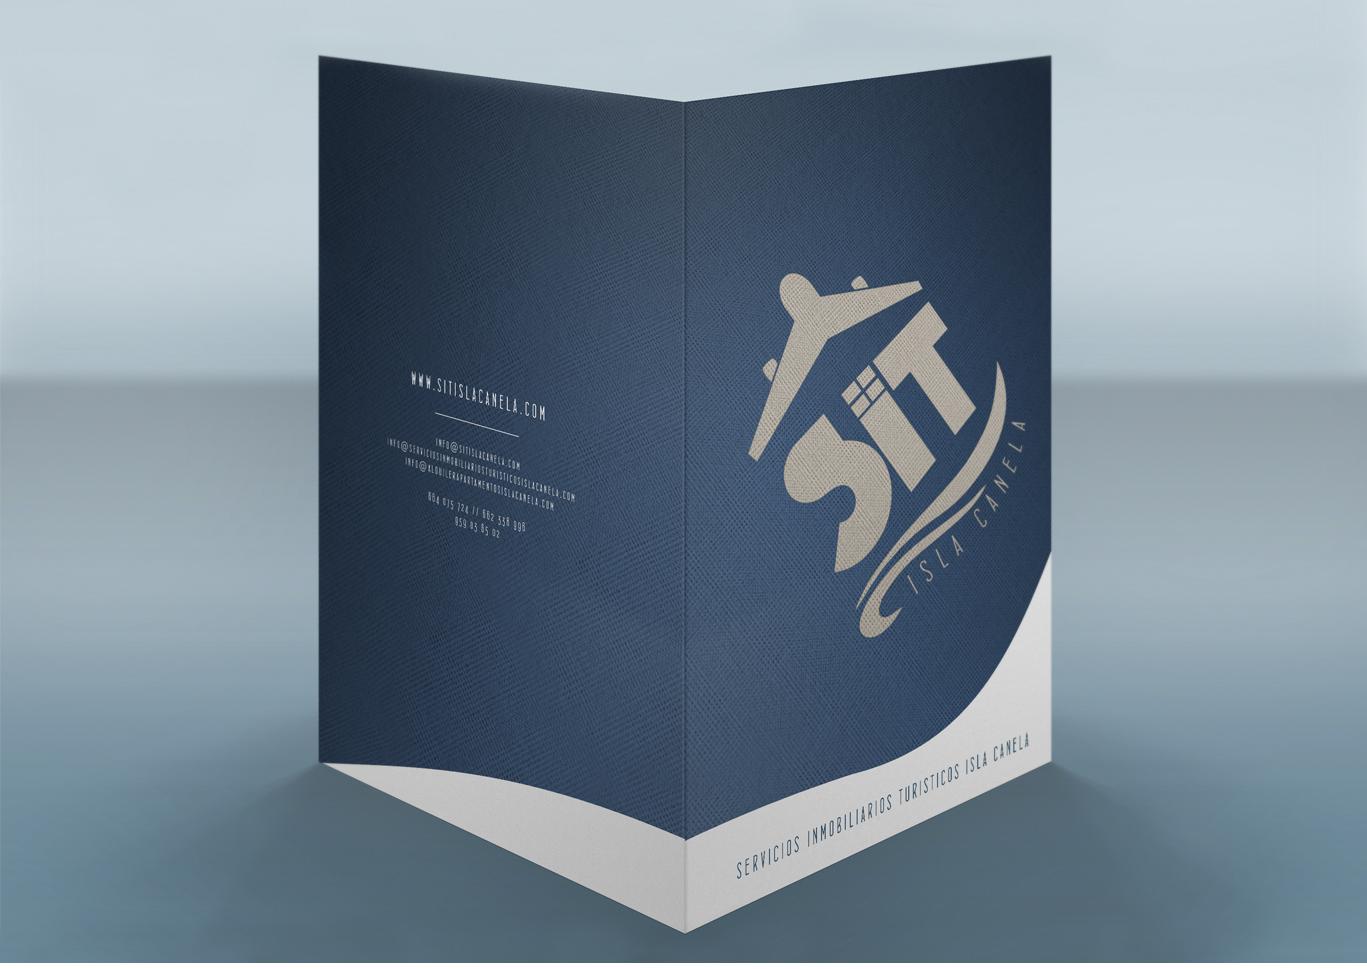 Diseño gráfico, agencias diseño, agencias diseño grafico, Branding e identidad corporativa, diseño carpeta corporativa, SIT Isla Canela